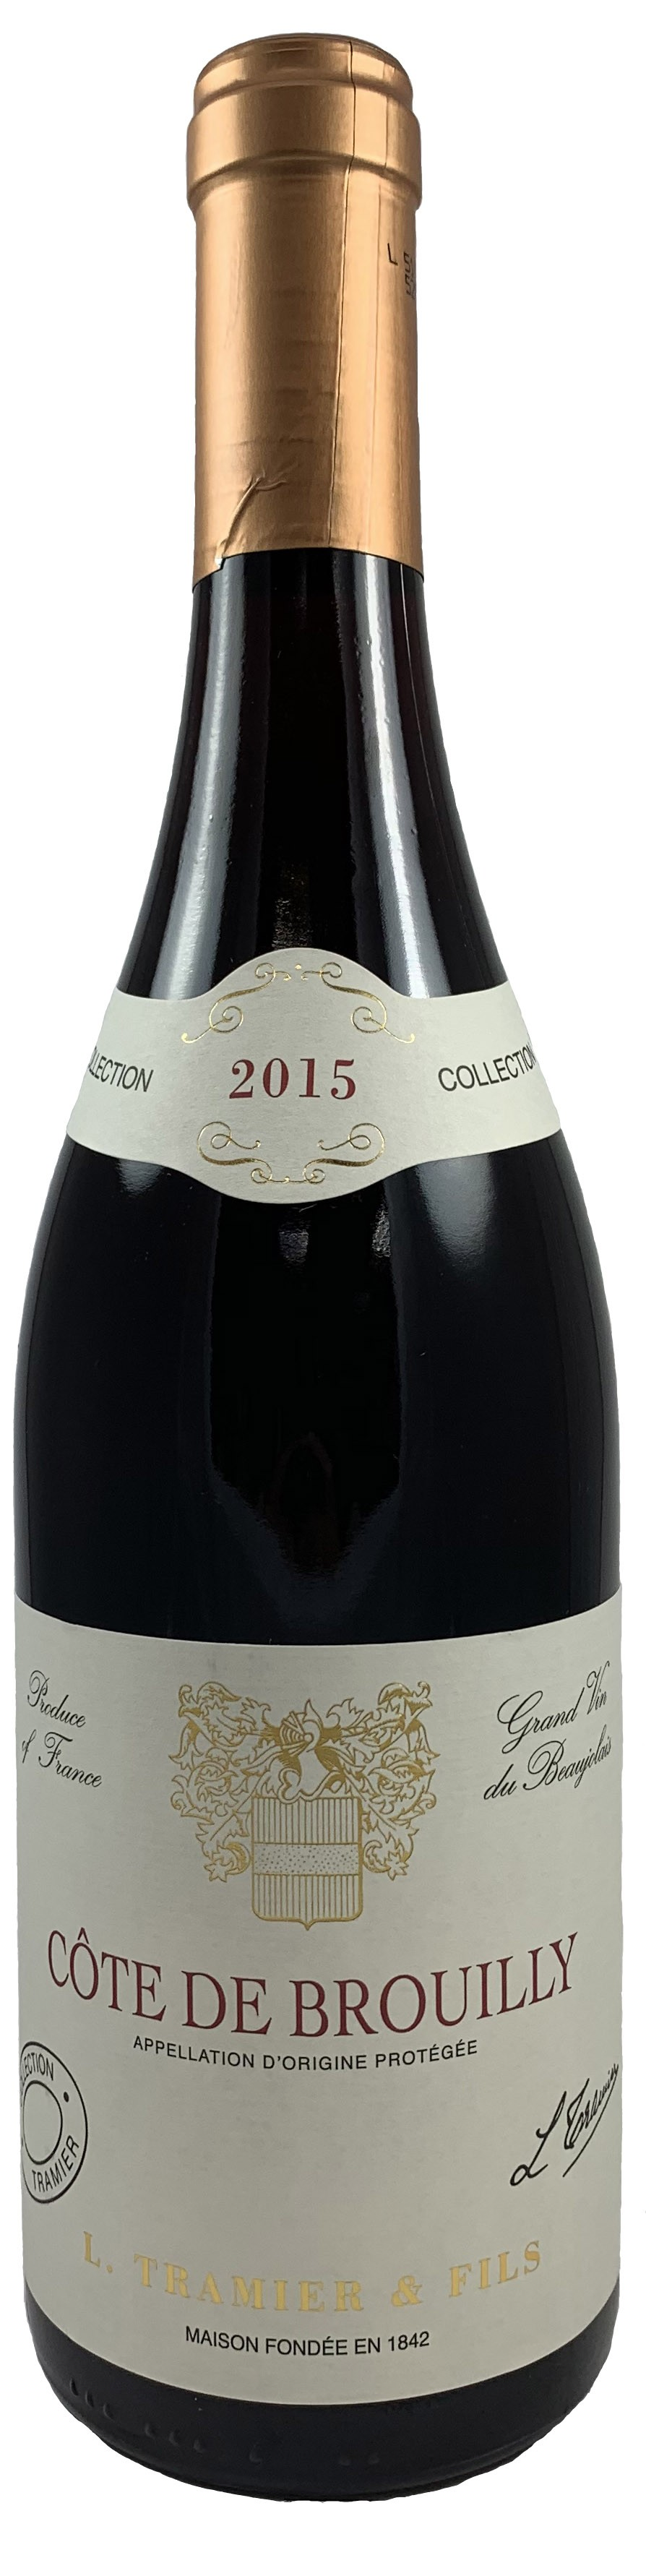 法國 鉈尼酒莊 布伊丘產區 特級紅葡萄酒2015